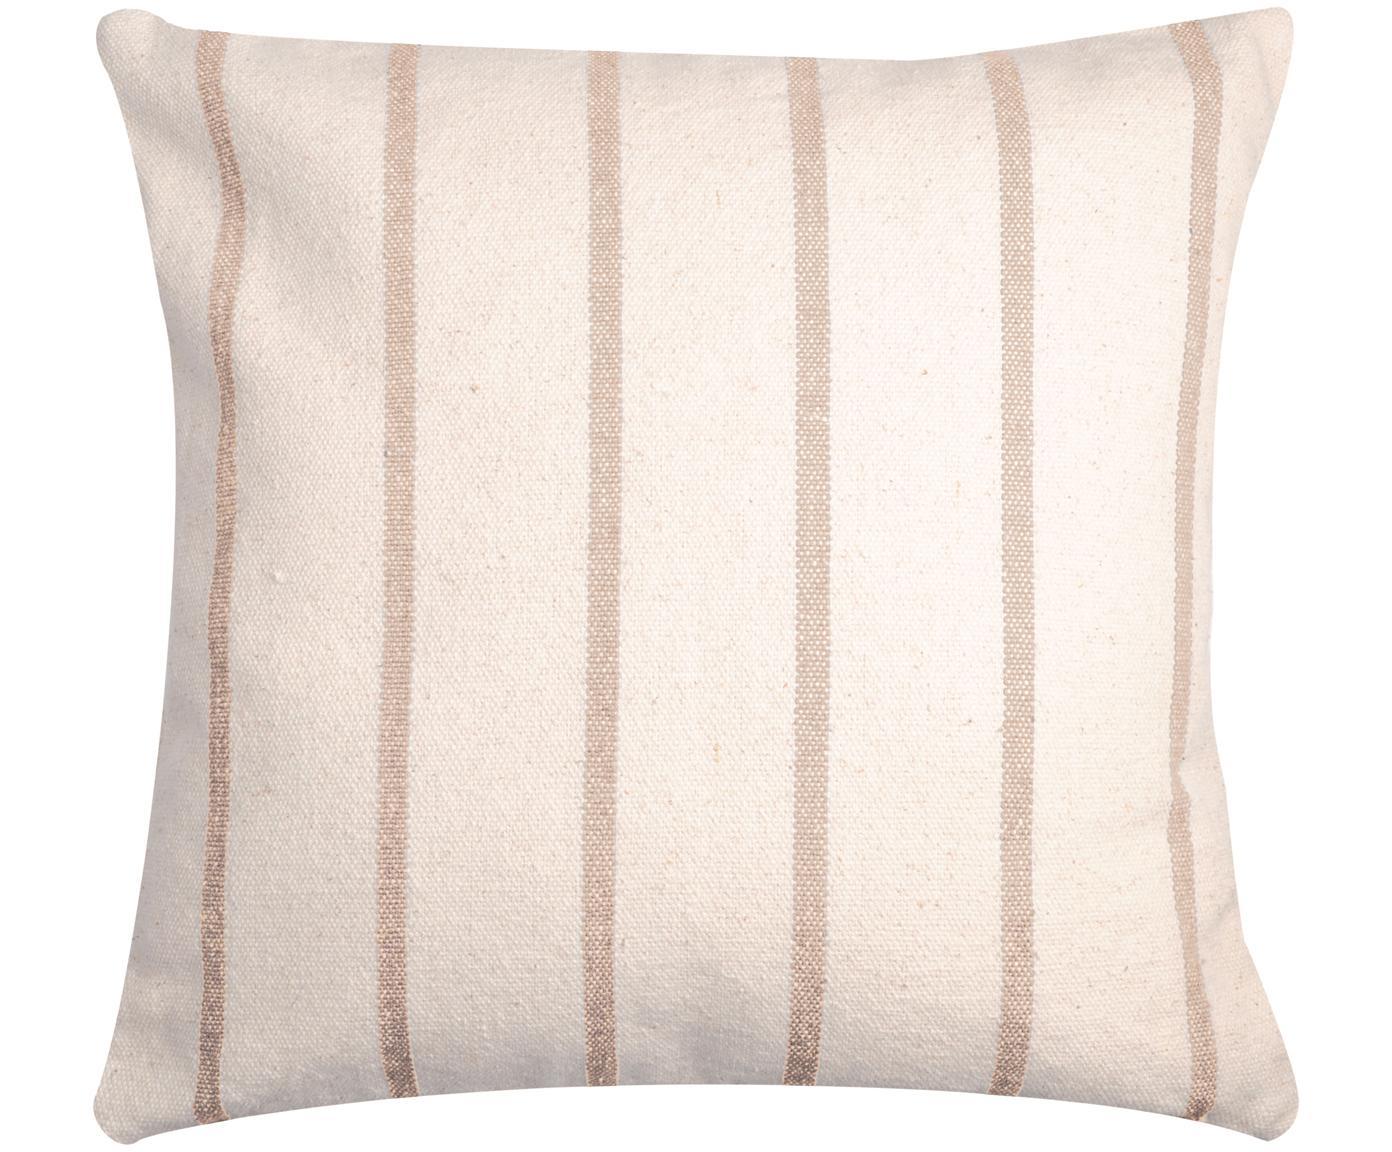 Kussen Pampelonne, Beige, gebroken wit, 50 x 50 cm